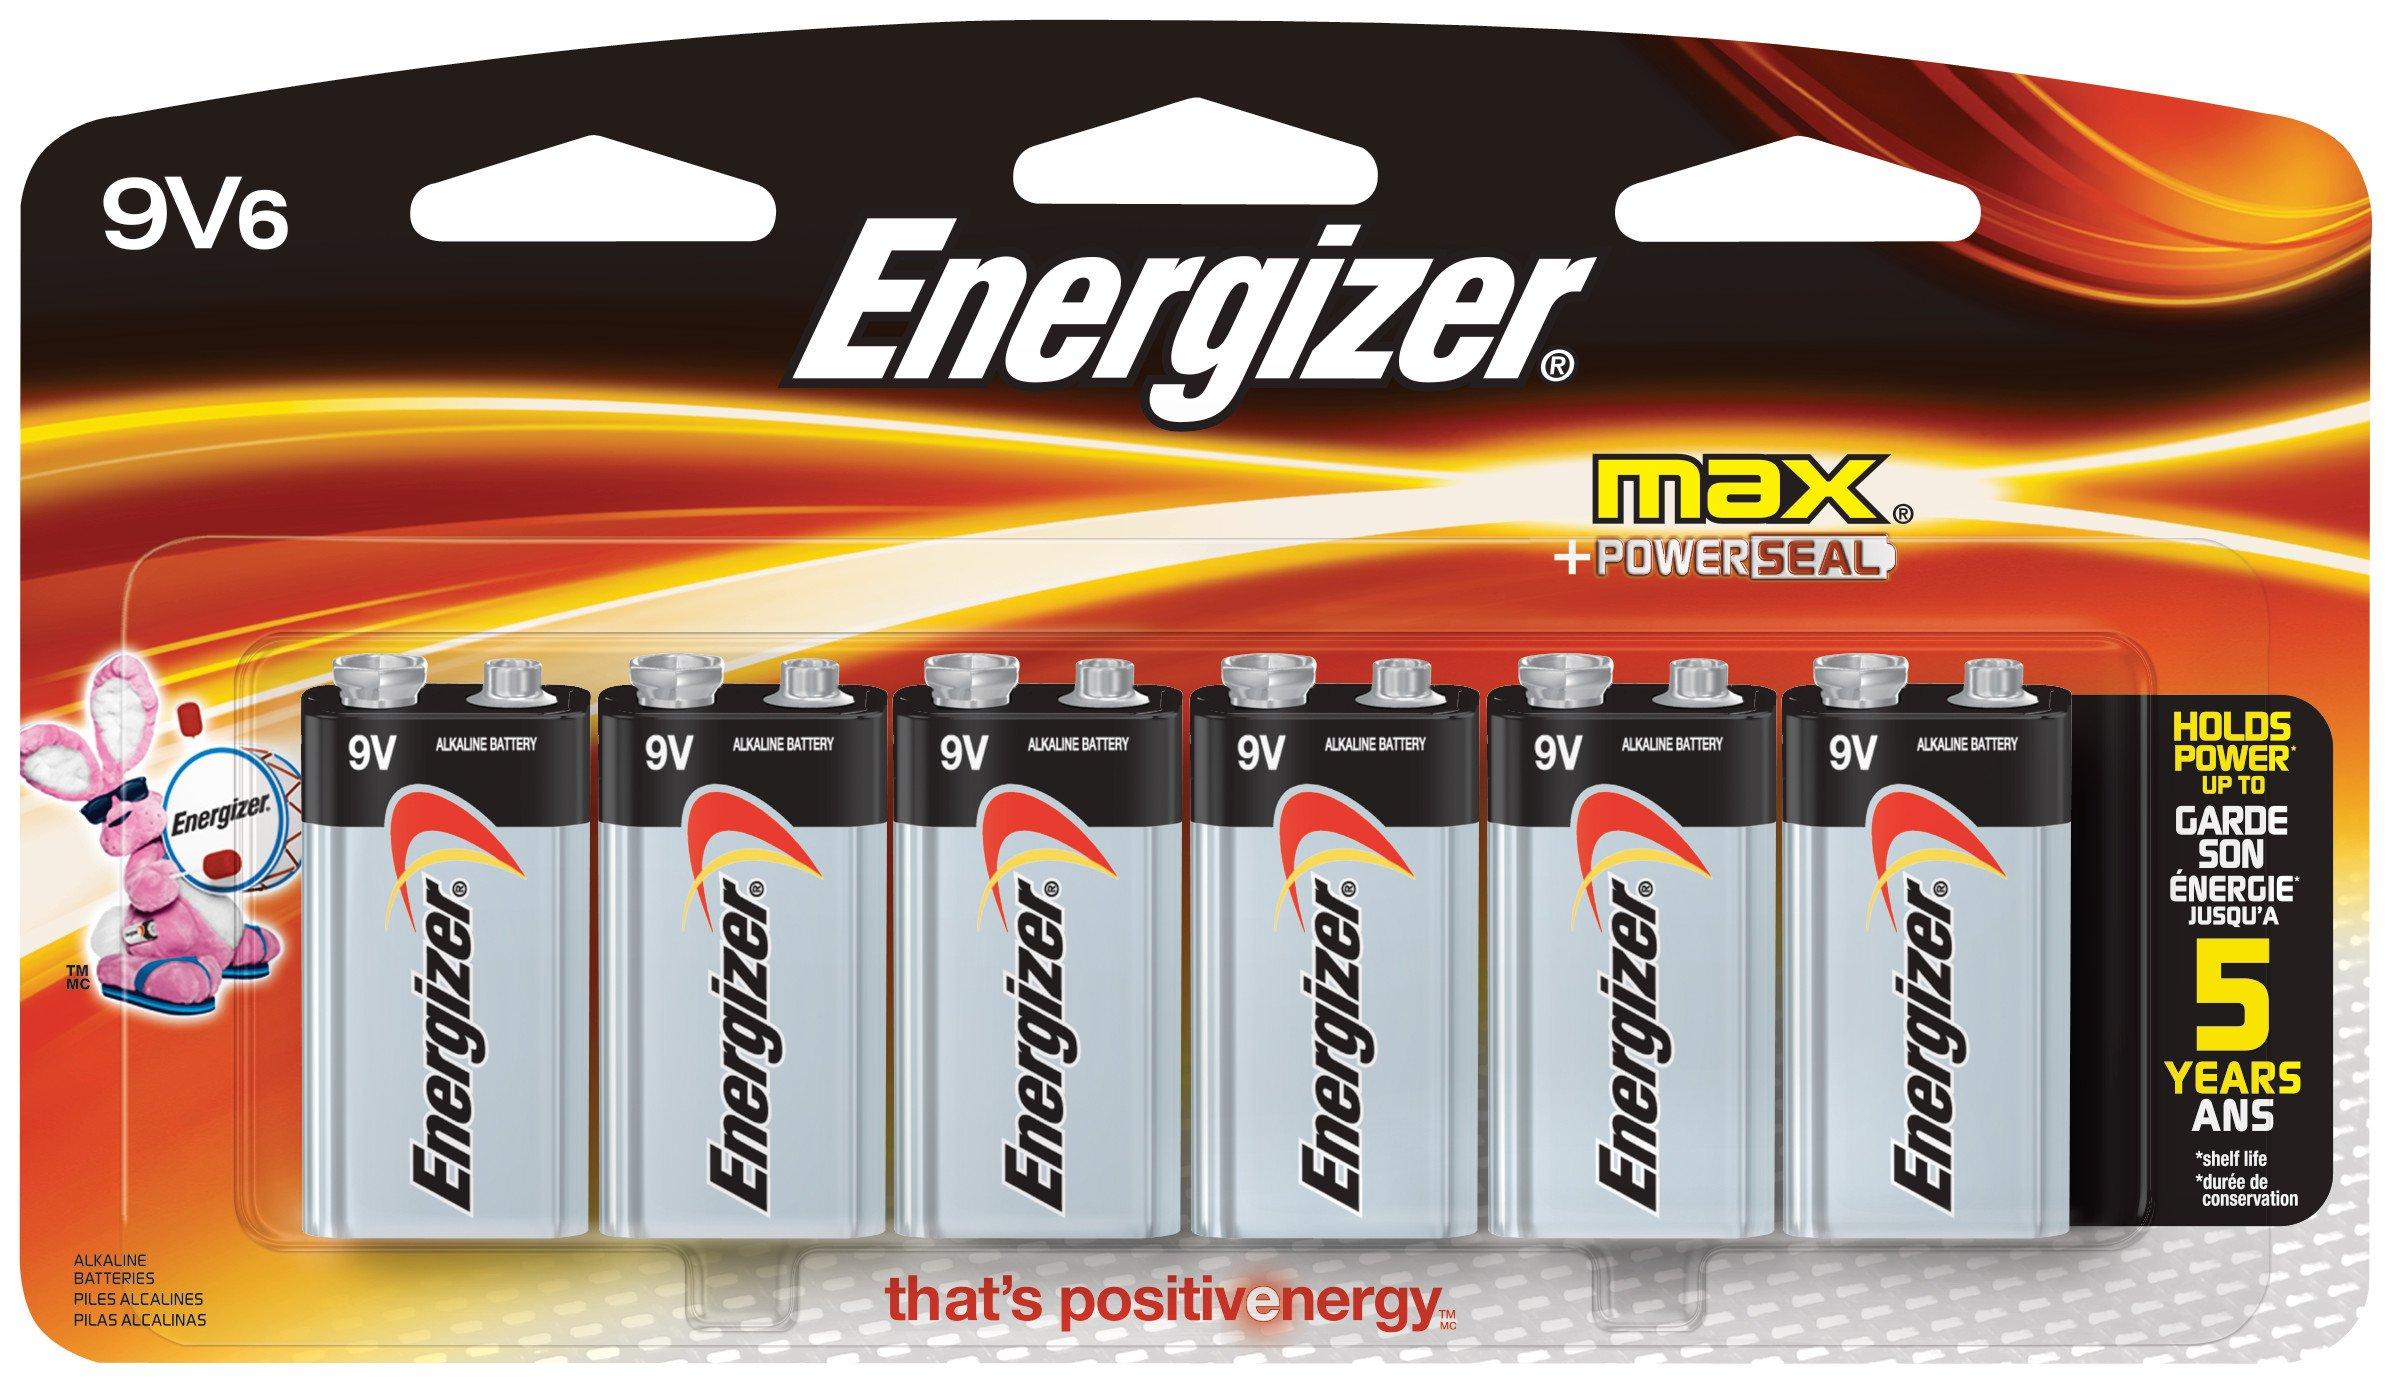 Energizer 9V Alkaline Batteries, 6 Count